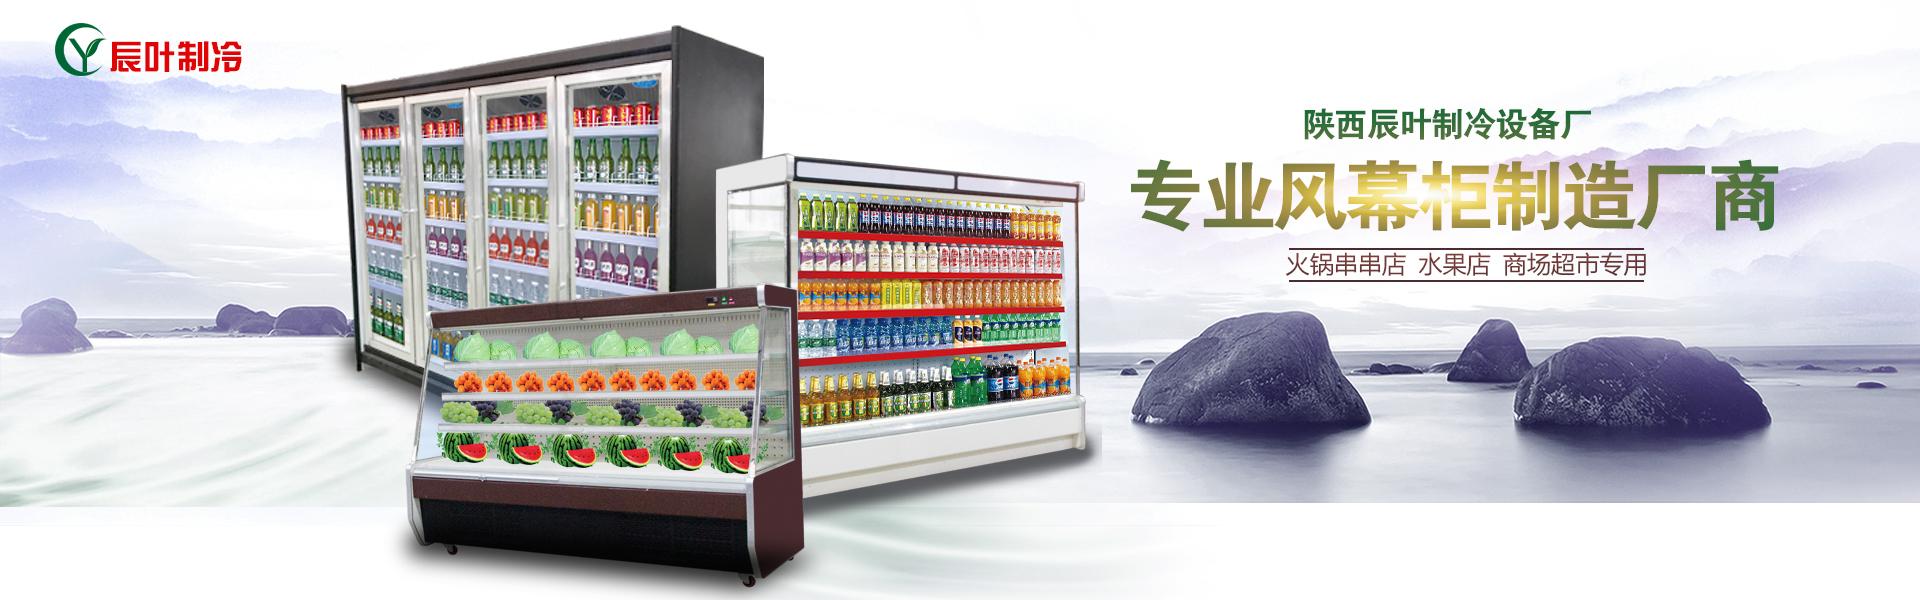 鮮肉櫃,熟食櫃,冷藏展示櫃,超市冷櫃每晚關機省電嗎?